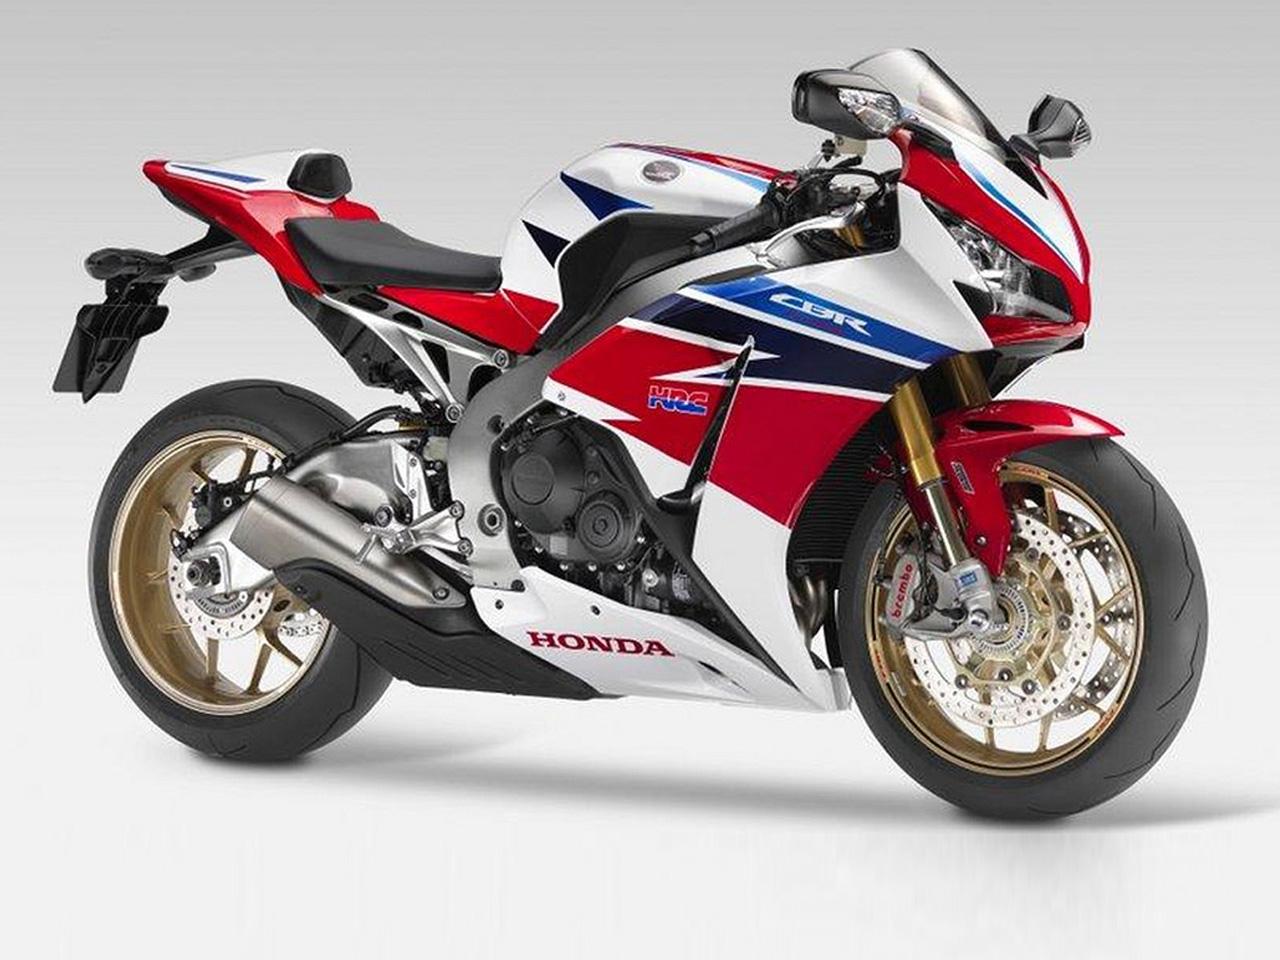 本田honda cbr1000r摩托车图片